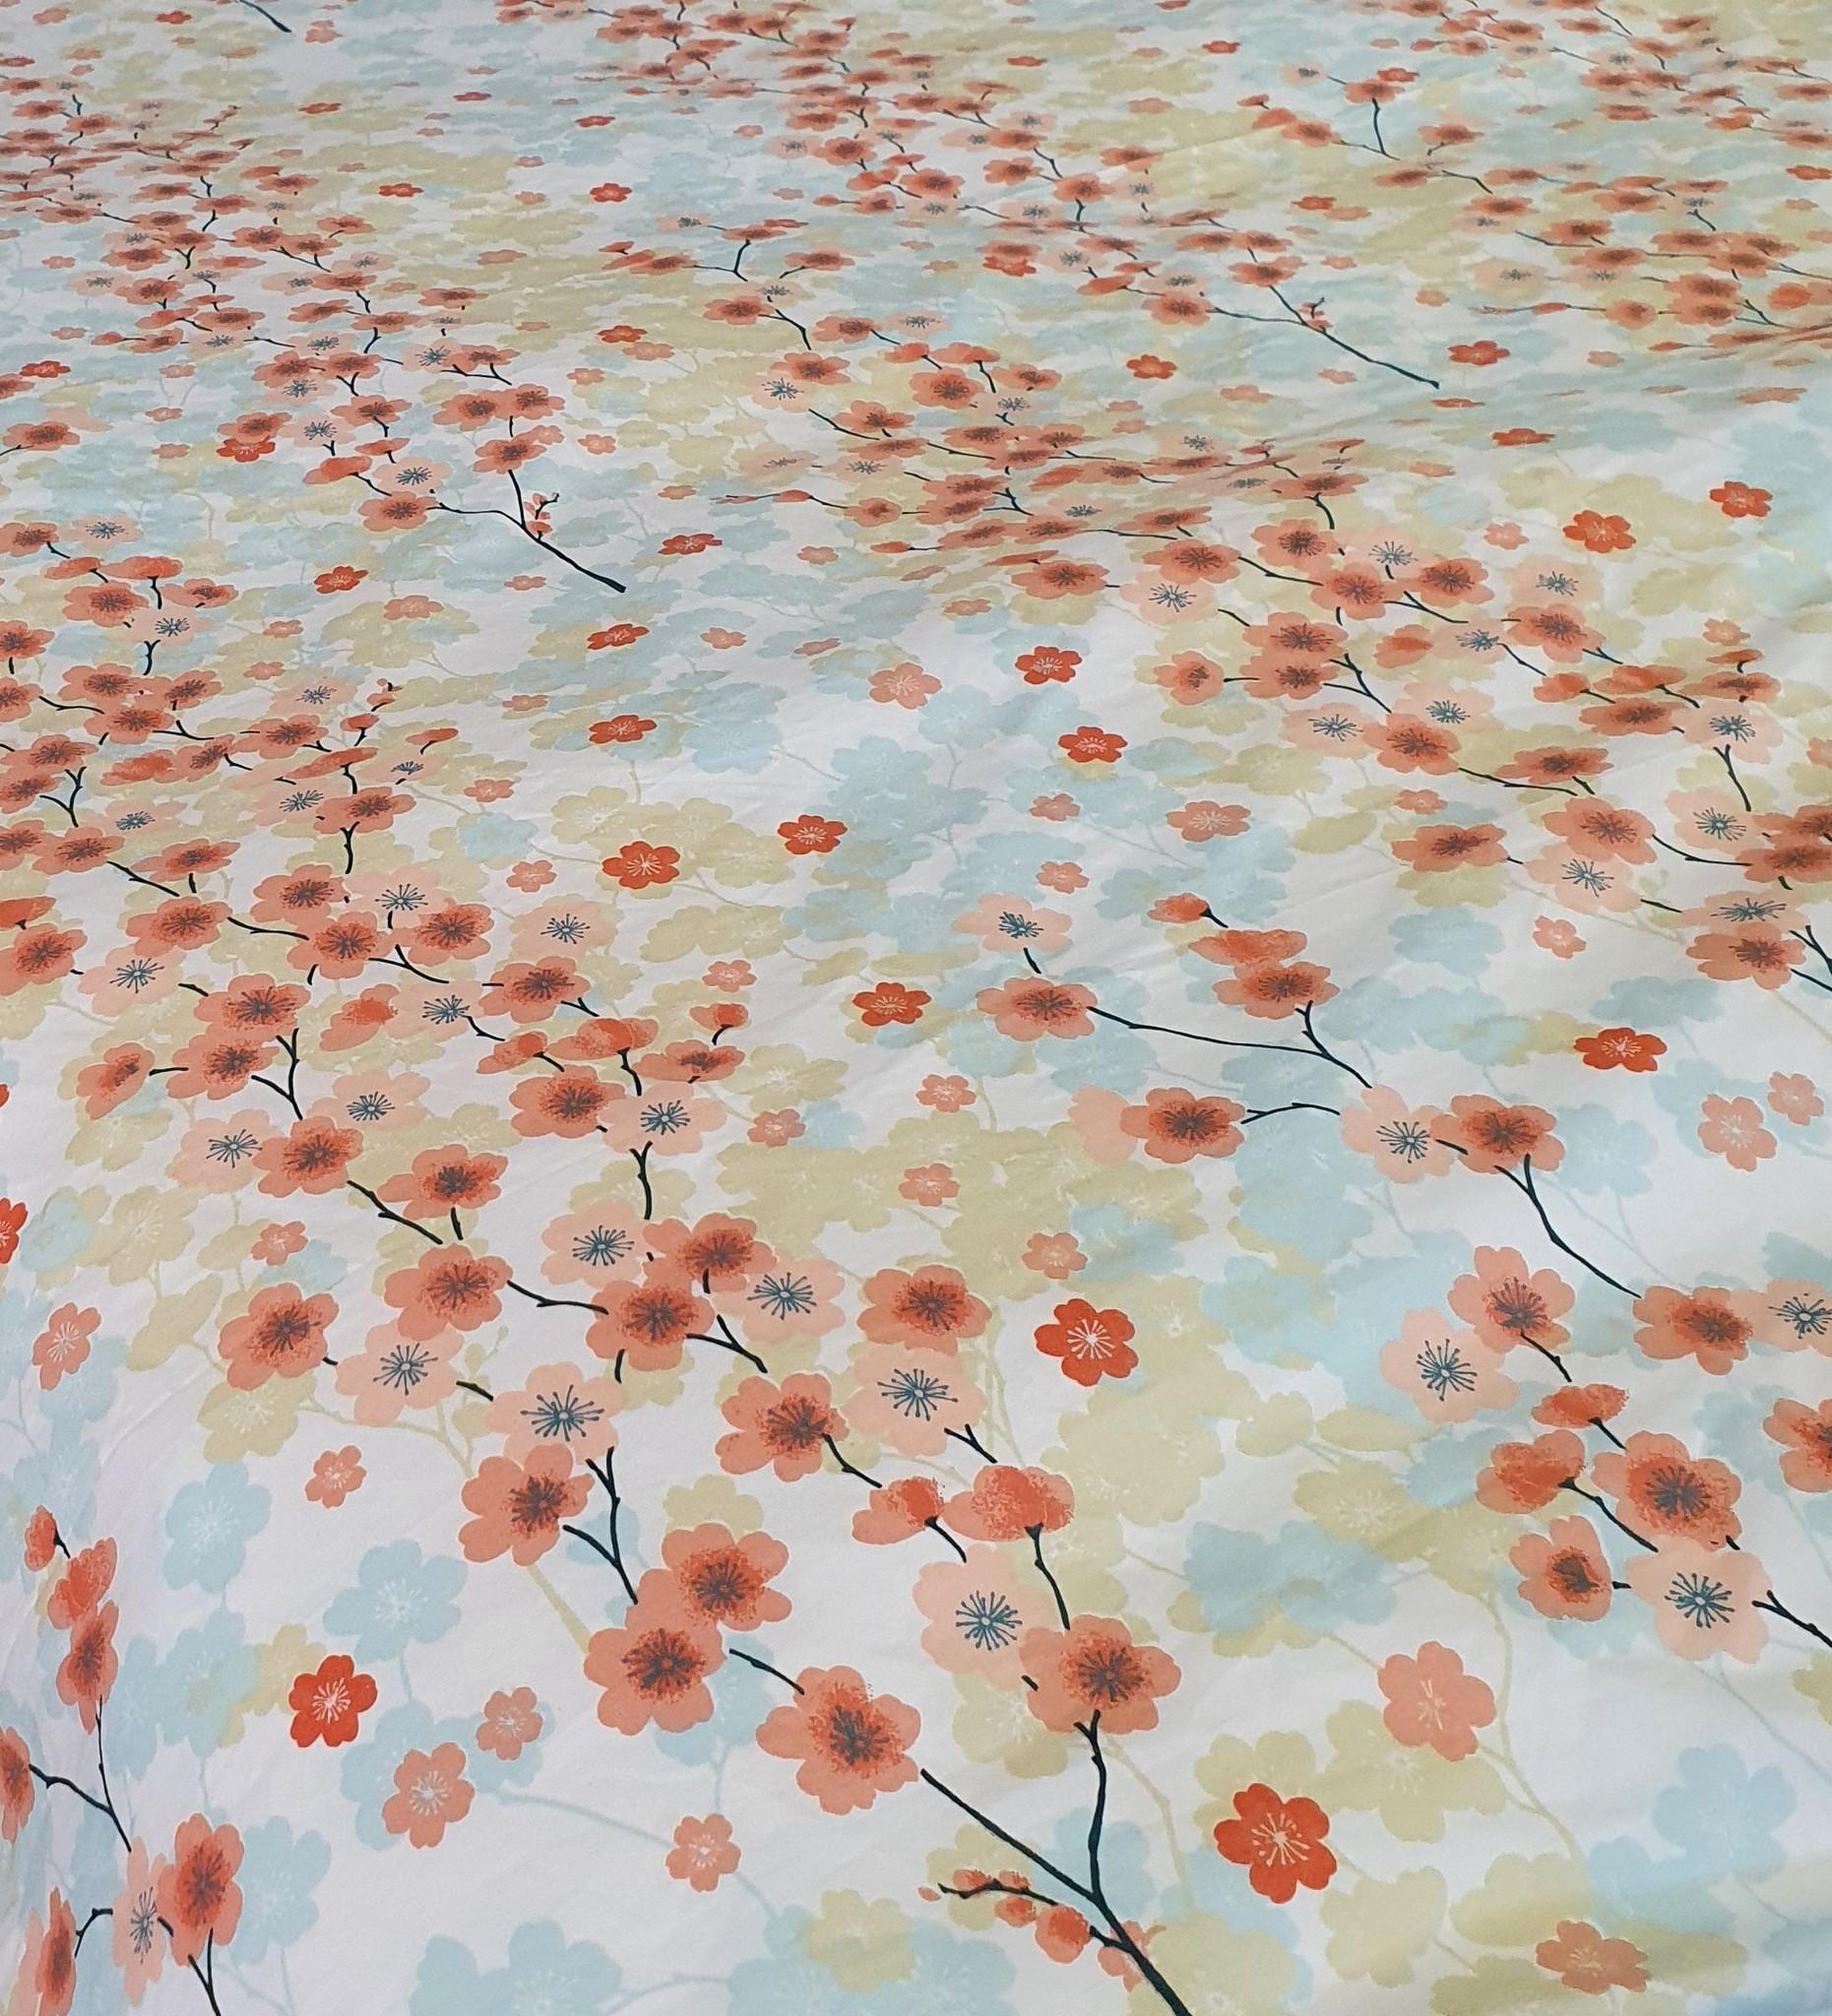 Sofiben Budgetline Sofiben dekbedovertrek met rits Cherry Blossom  katoenmenging 70% katoen / 30% polyester,  140 x 200 met 1 kussensloop